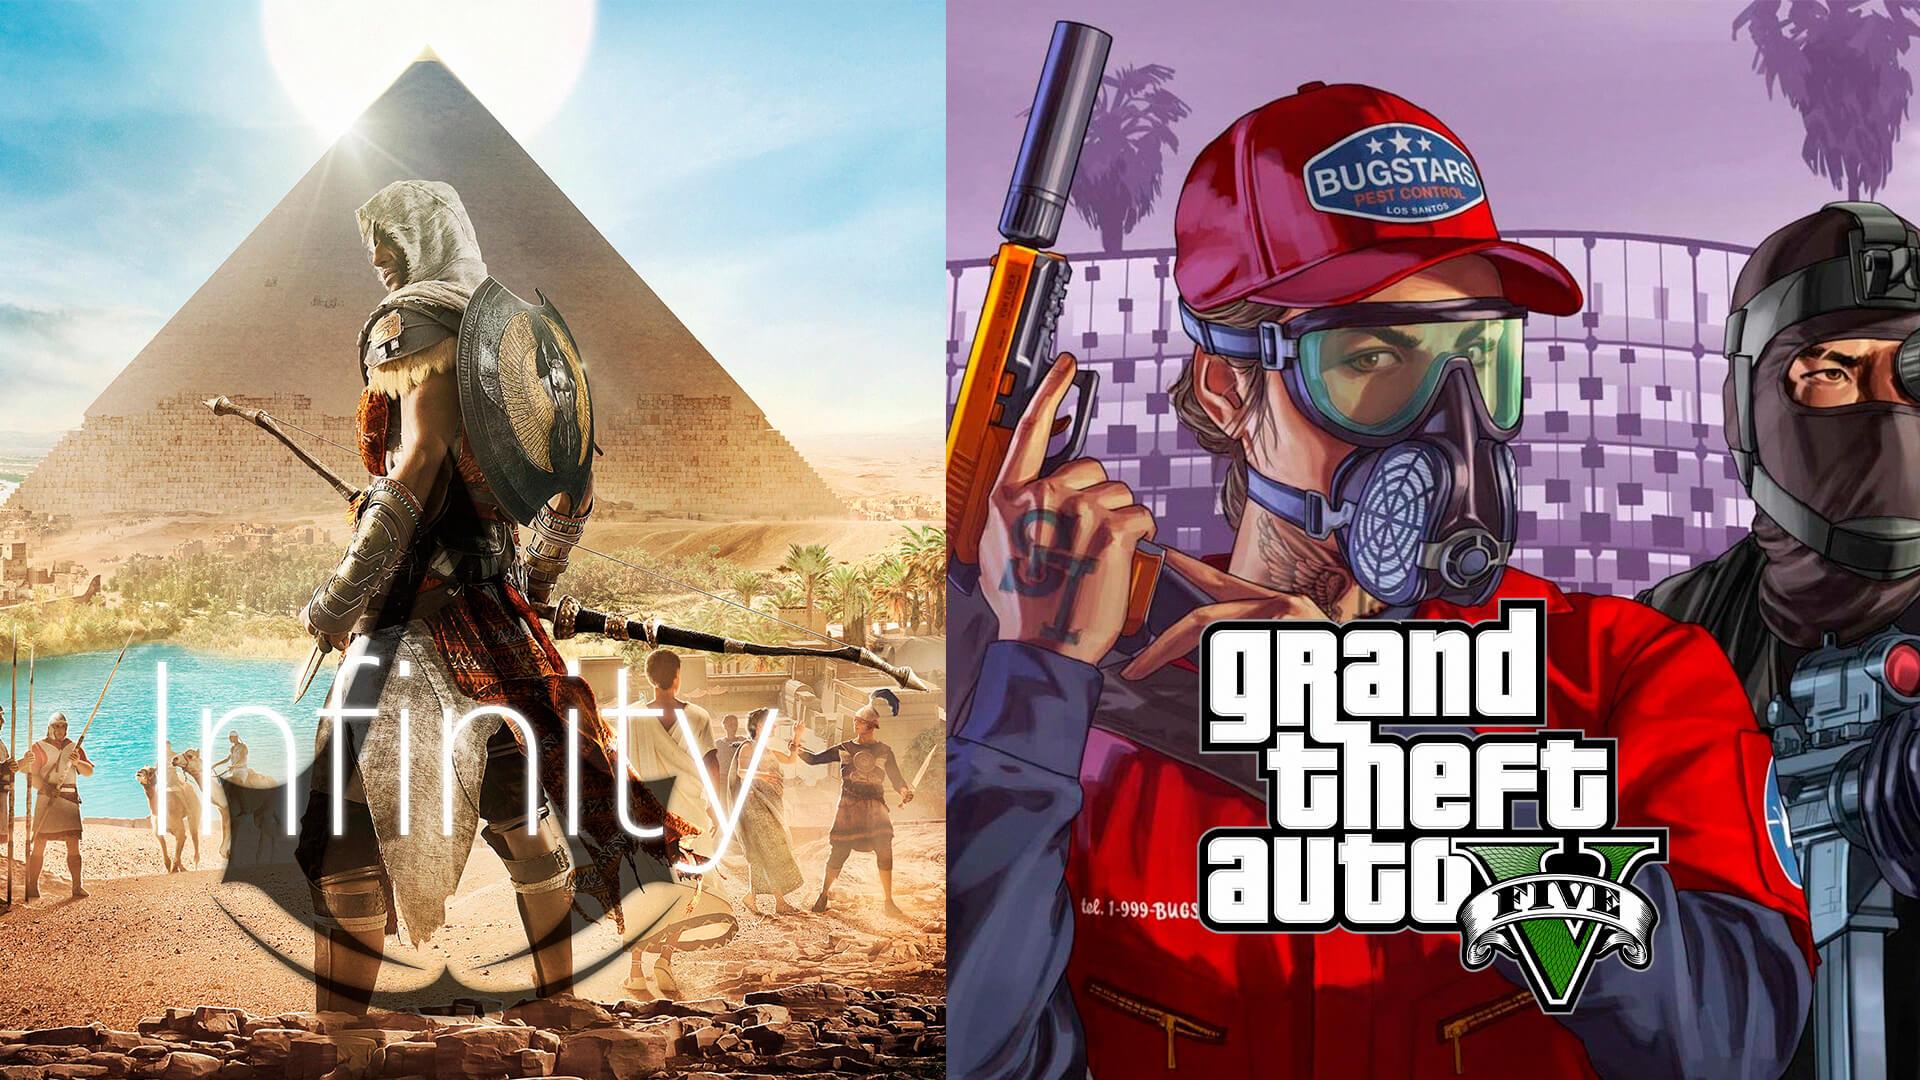 Com Assassin's Creed Infinity, a Ubisoft pretende criar uma plataforma online massiva que evolui com o tempo, bastante similar ao GTA Online.